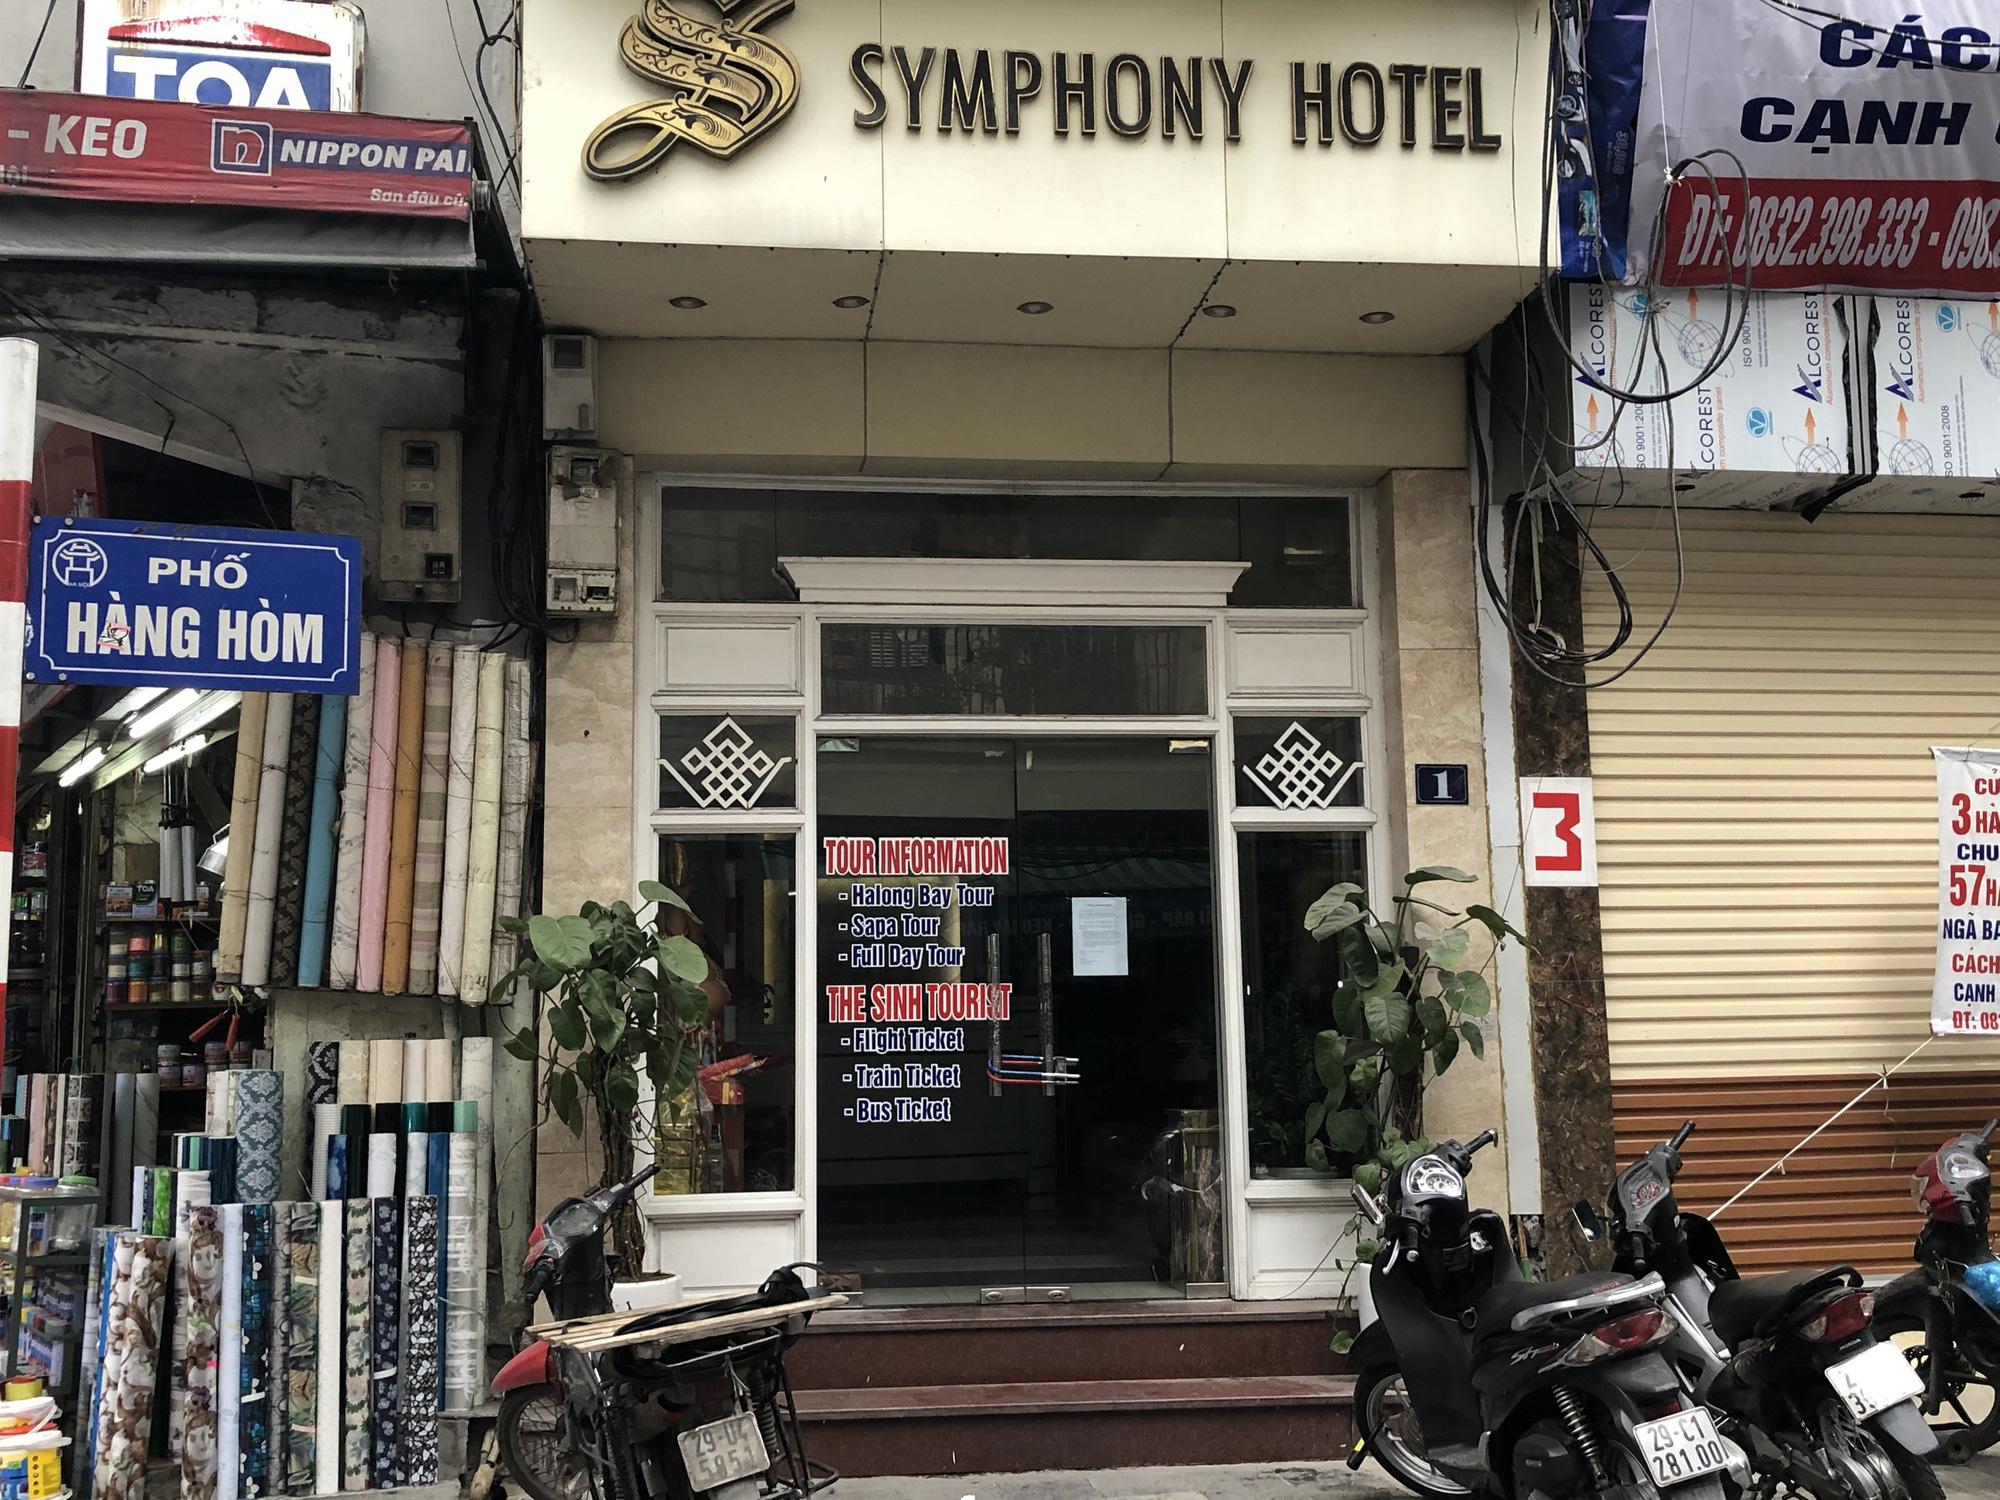 Hàng loạt khách sạn phố cổ Hà Nội đóng cửa, nhiều nơi giảm giá đến 60% để hút khách giữa mùa dịch virus corona - Ảnh 7.